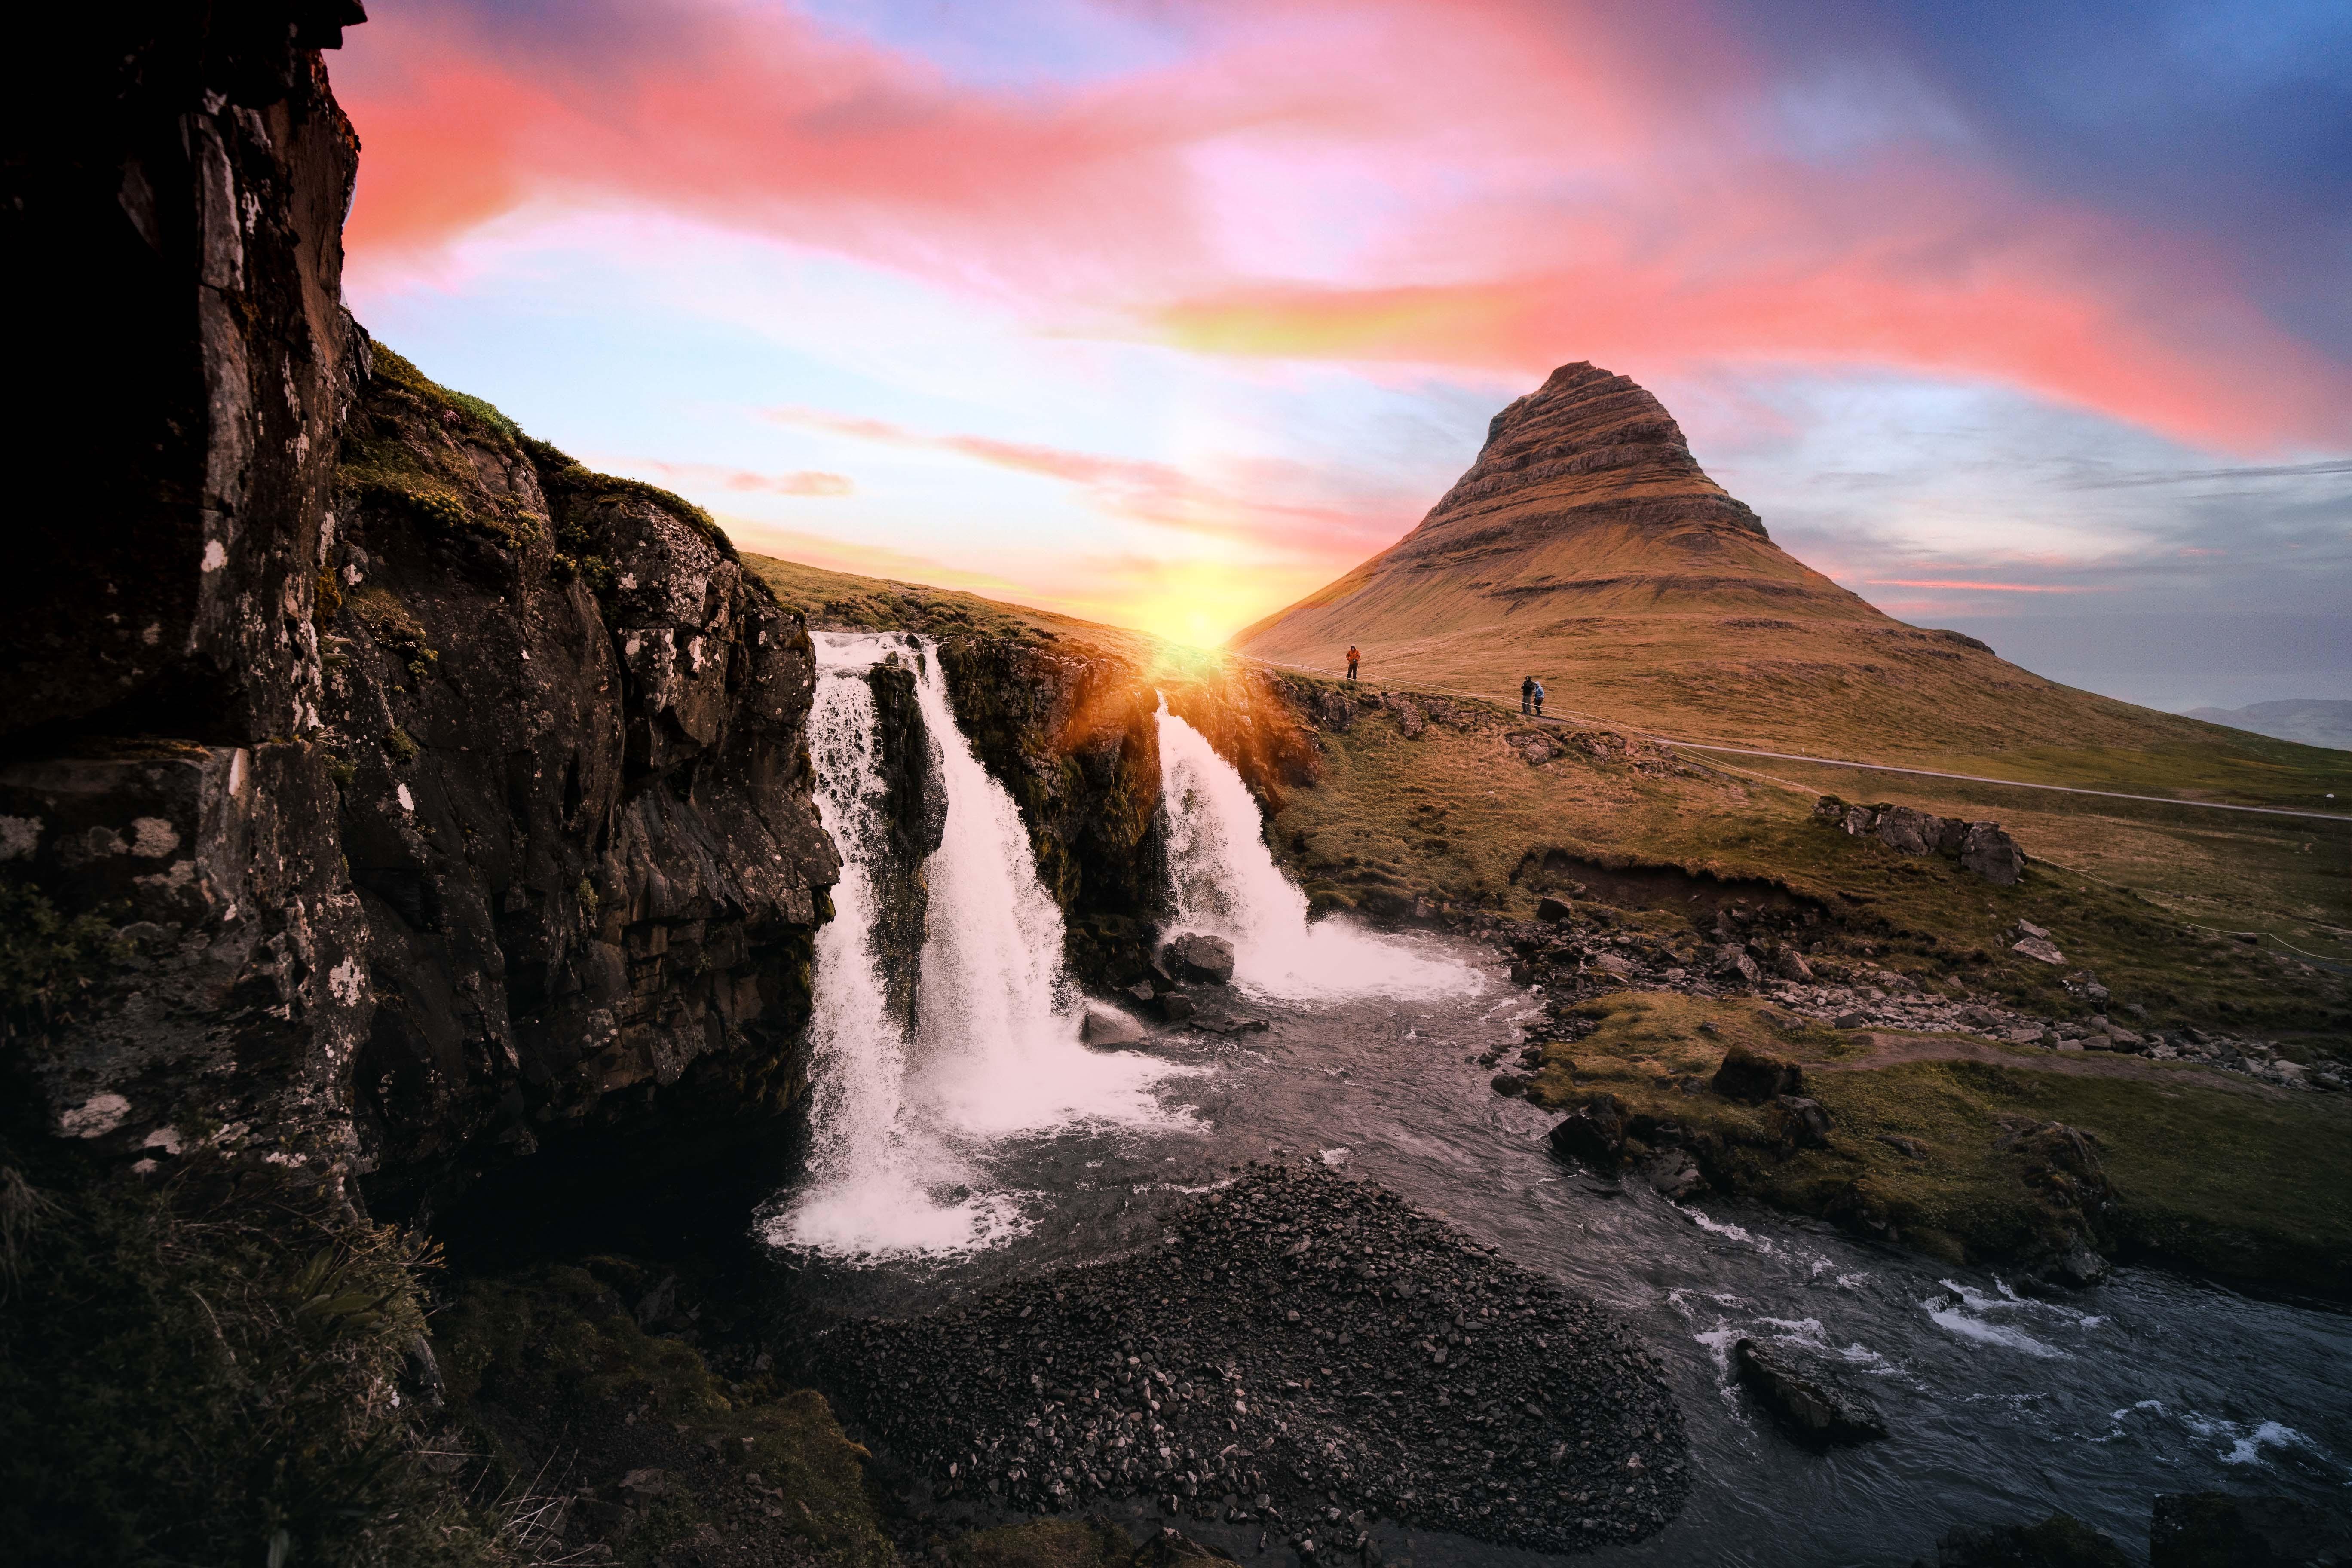 น้ำตก Kirkjufellsfoss หยดน้ำเบื้องหน้าเมื่อพระอาทิตย์ตกดิน